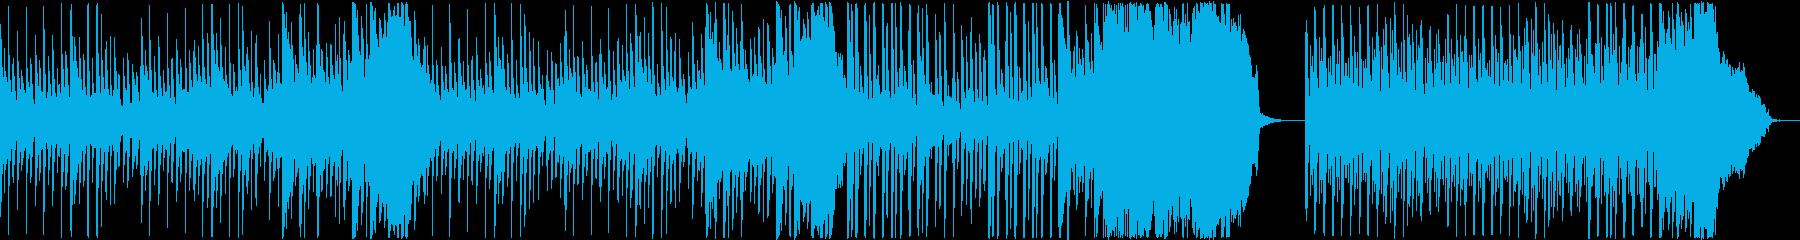 ピアノソロ/神秘的で幻想的な雨の再生済みの波形